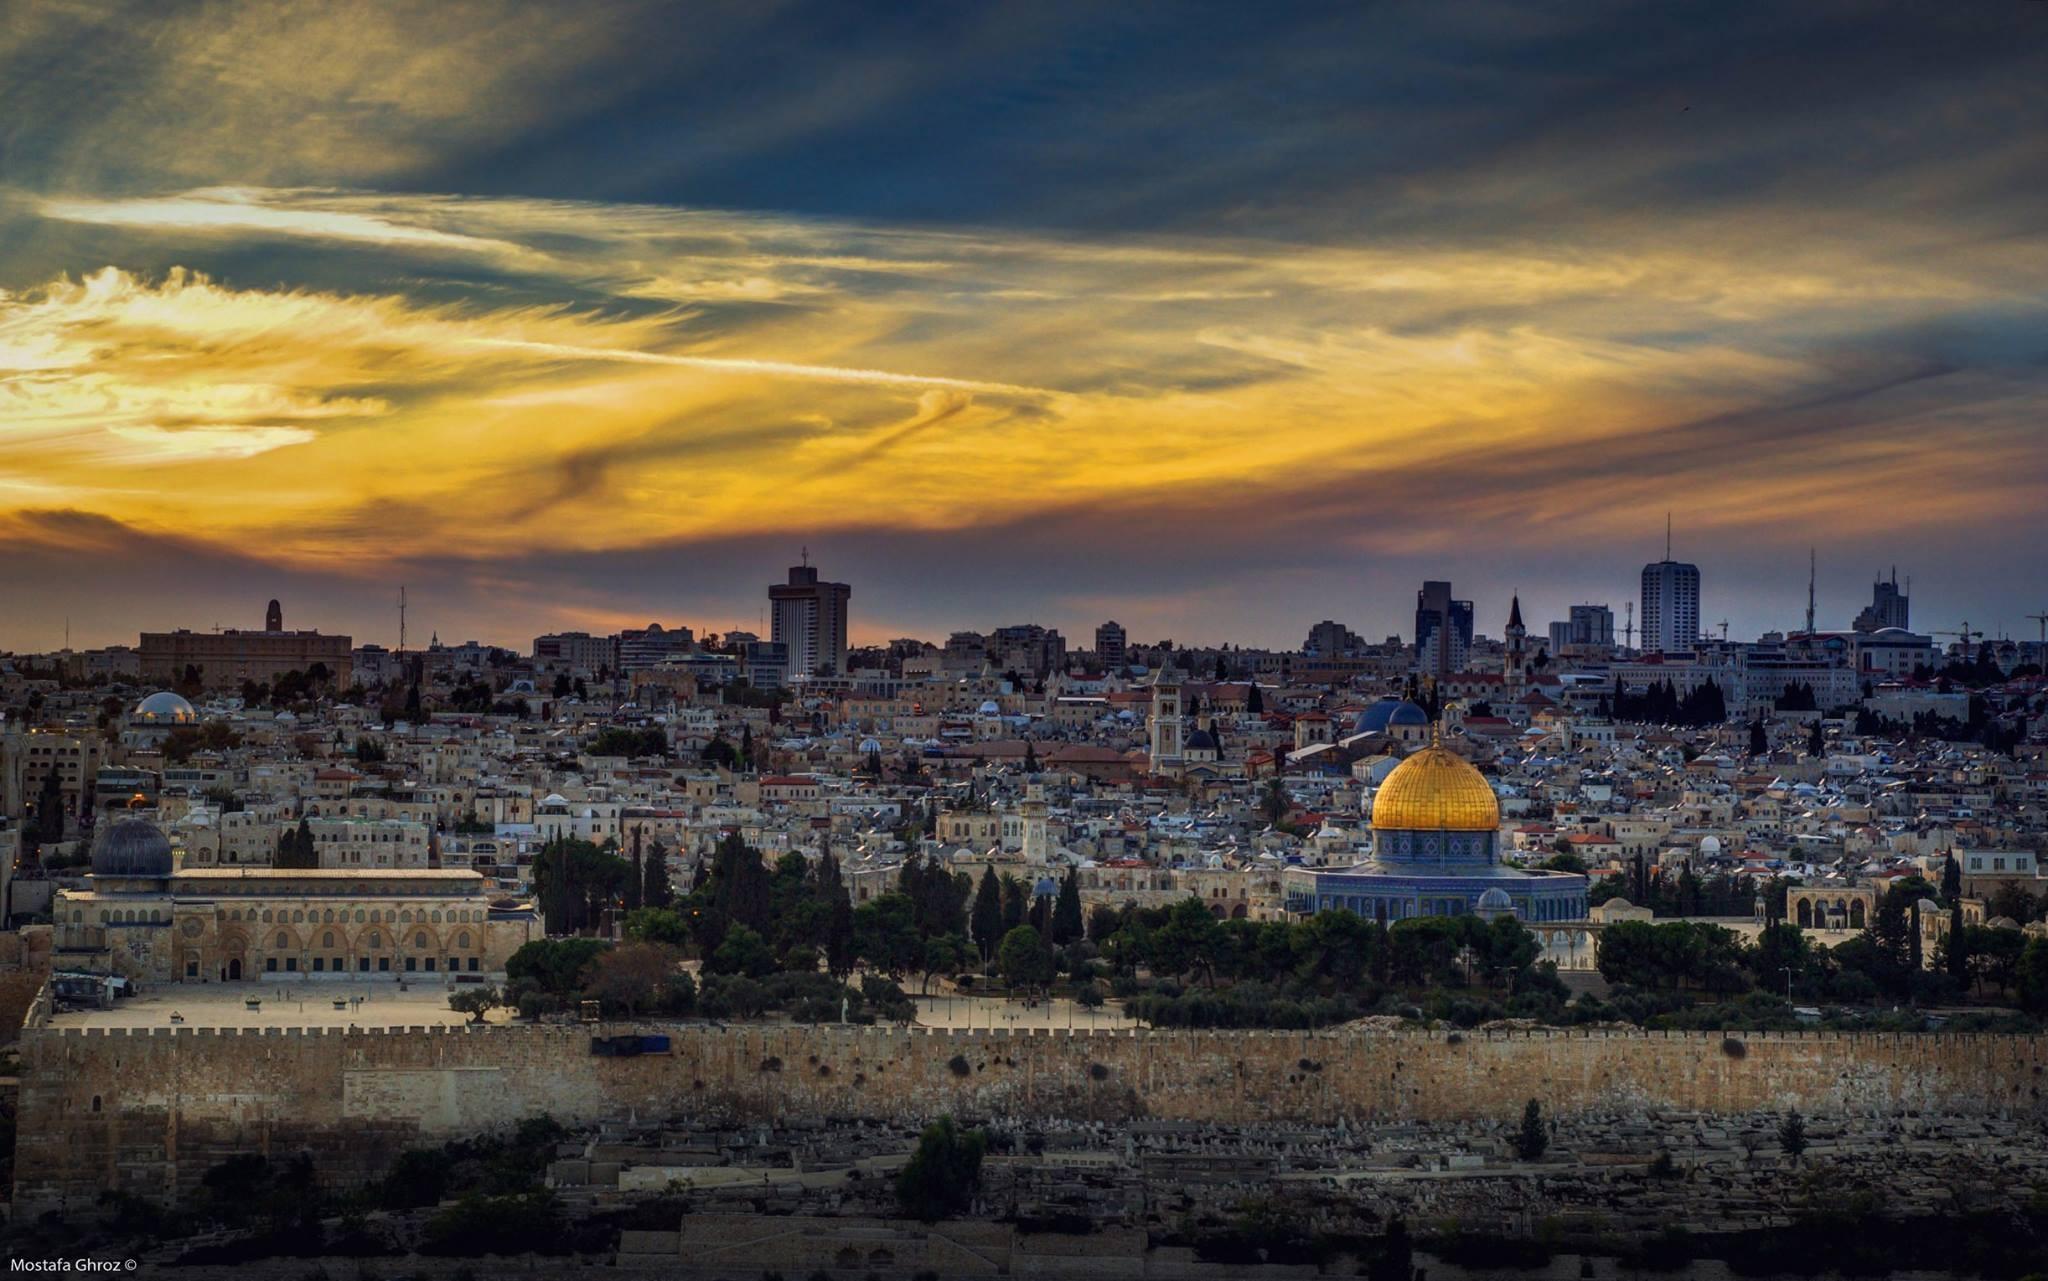 الخارجية الفلسطينية : القدس تواجه مخاطر تستدعي تحركًا عربيًا وإسلاميًا أكبر